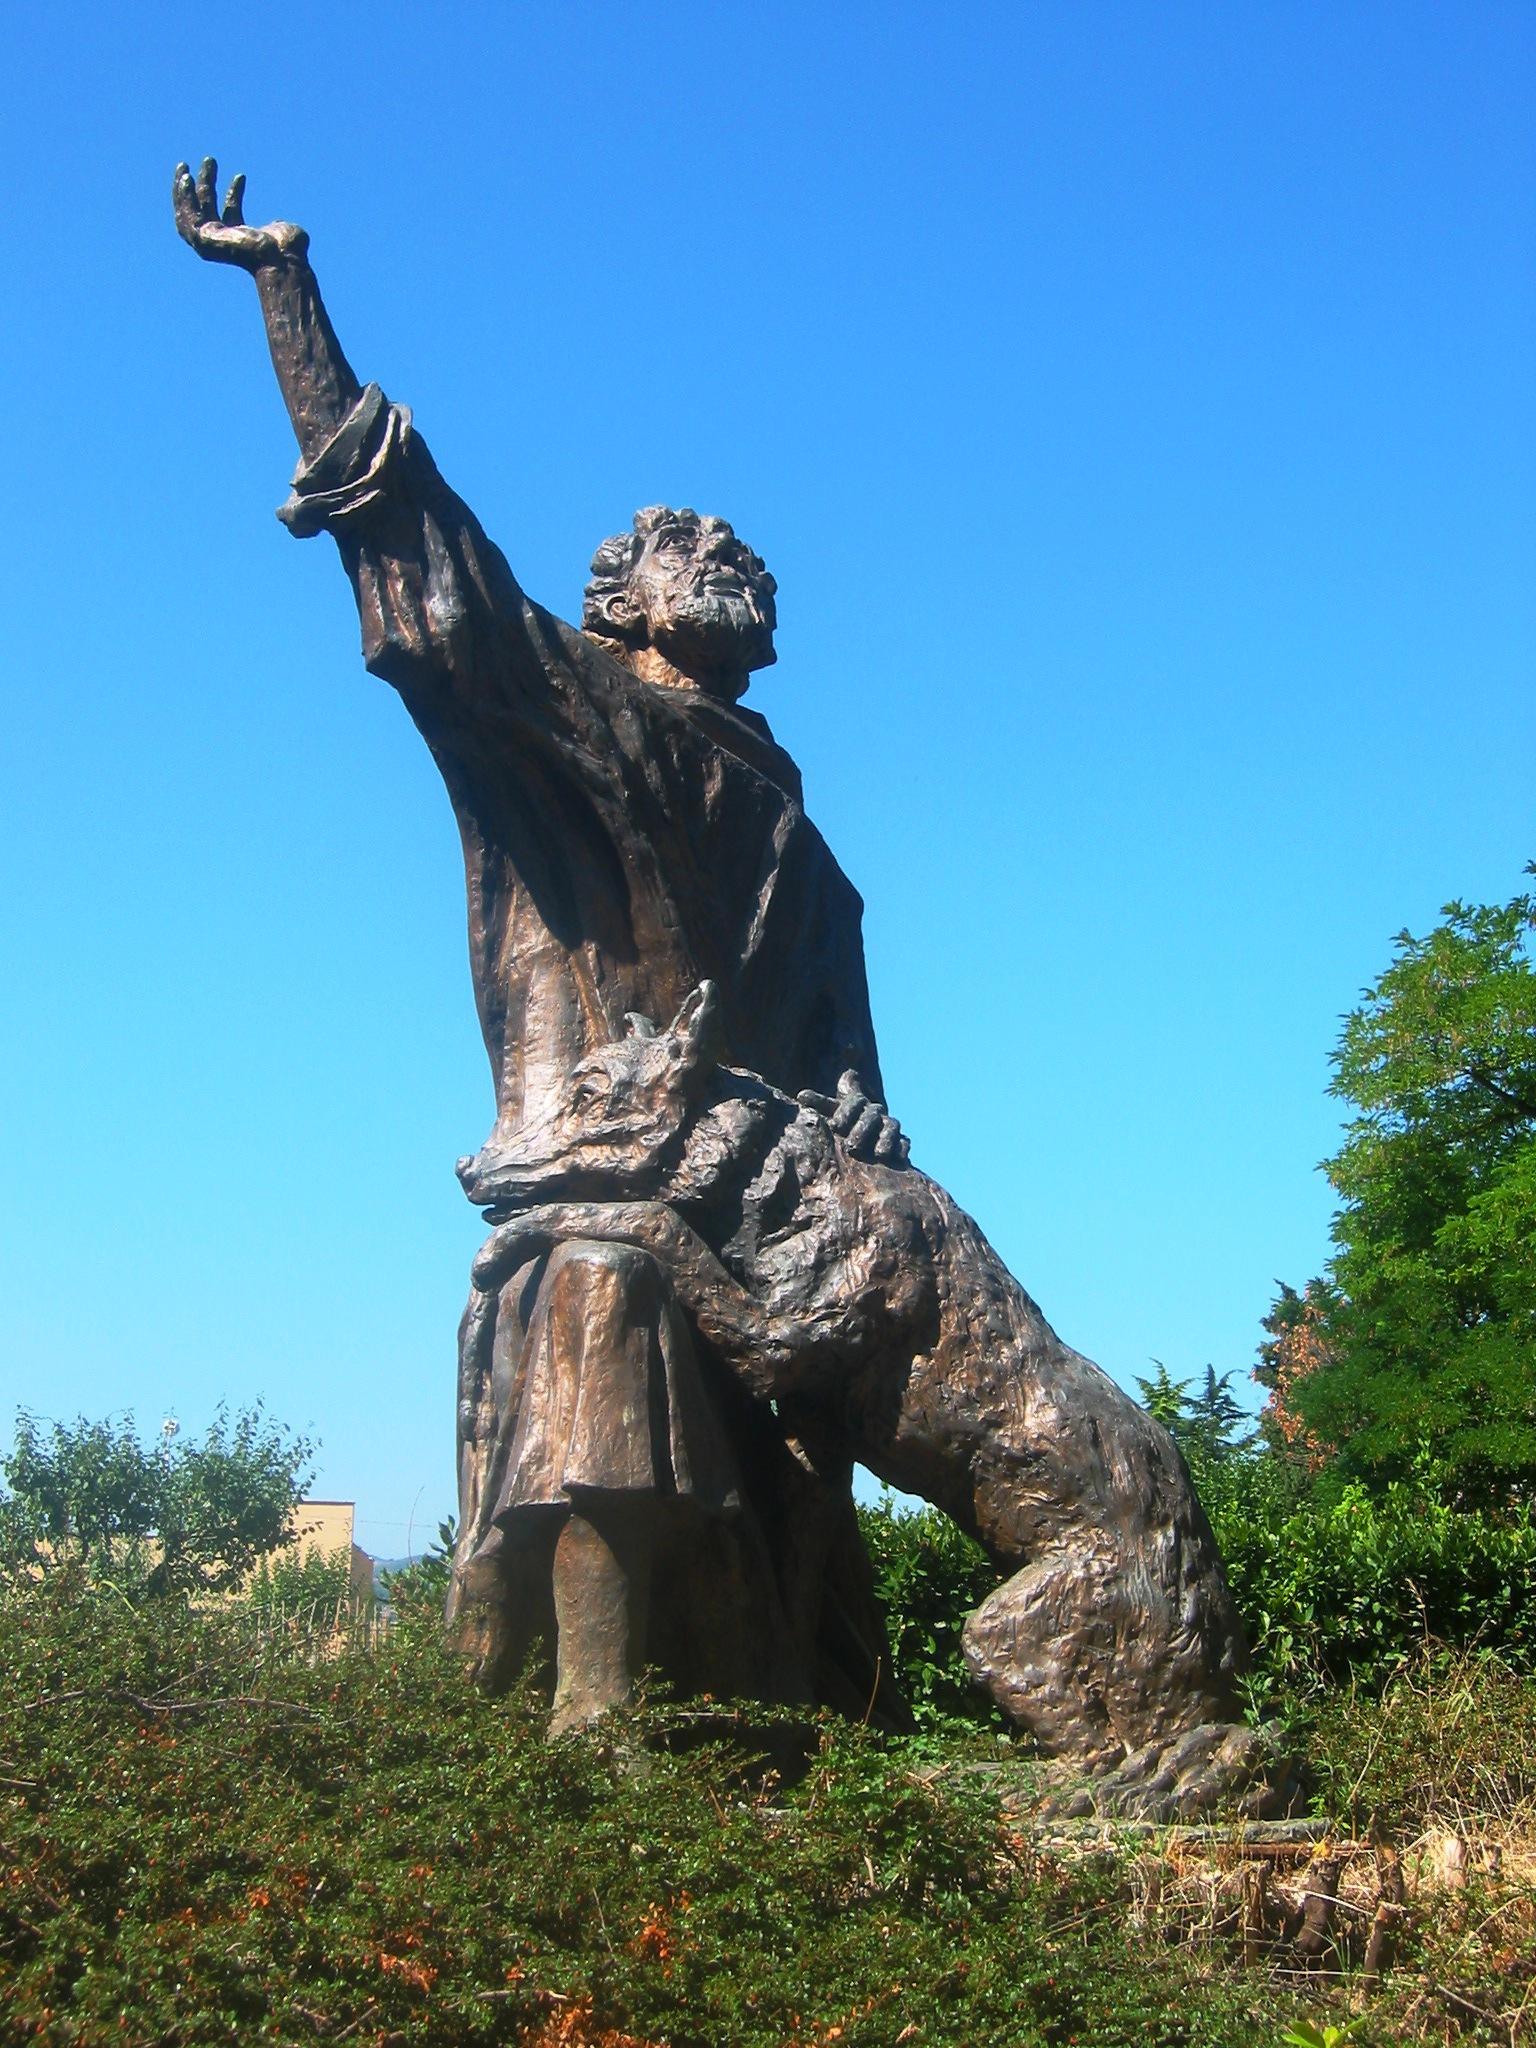 San Francesco e il Lupo, statua del prof. R. Bellucci Immagine di goodmorningumbria